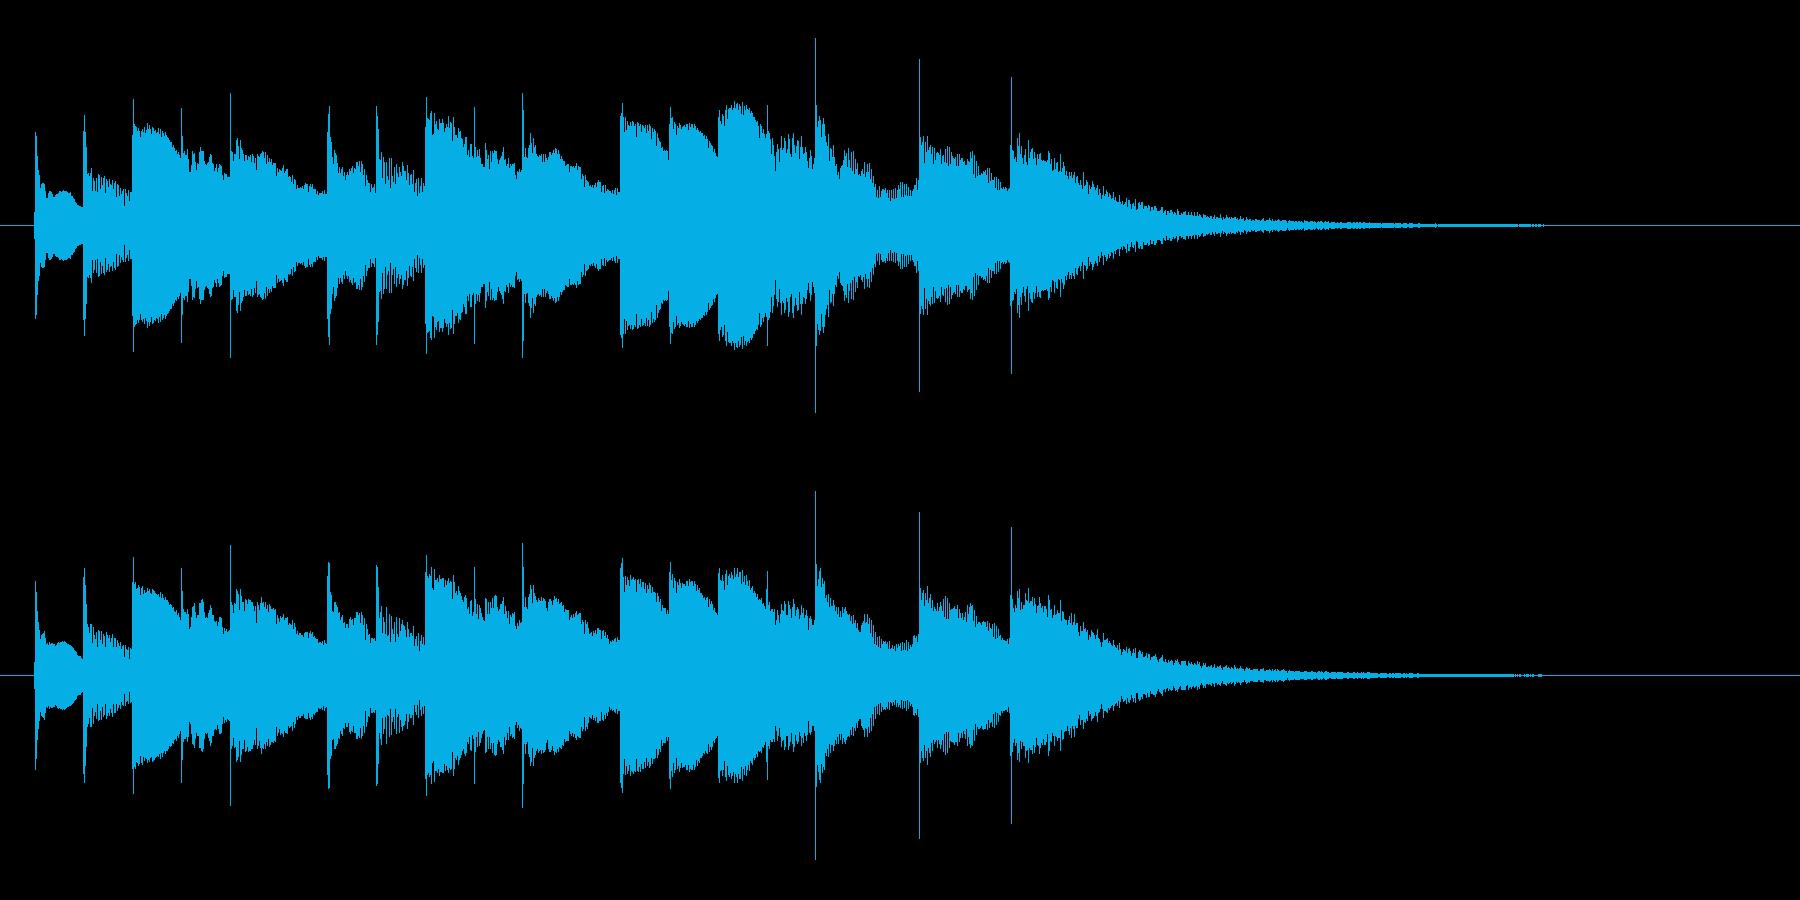 ブラームスの子守唄のオルゴールの再生済みの波形